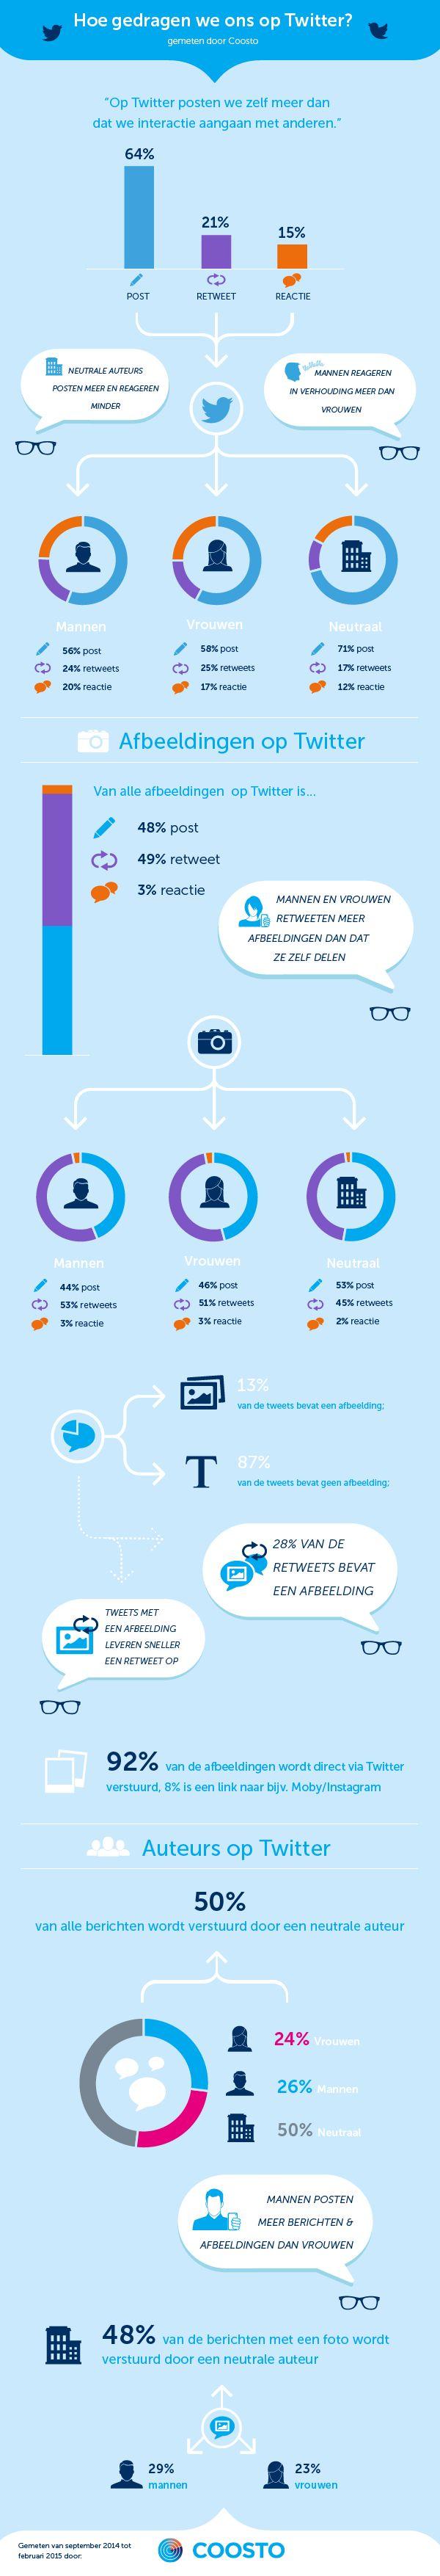 Hoe gedragen we ons op Twitter?   Marketingfacts